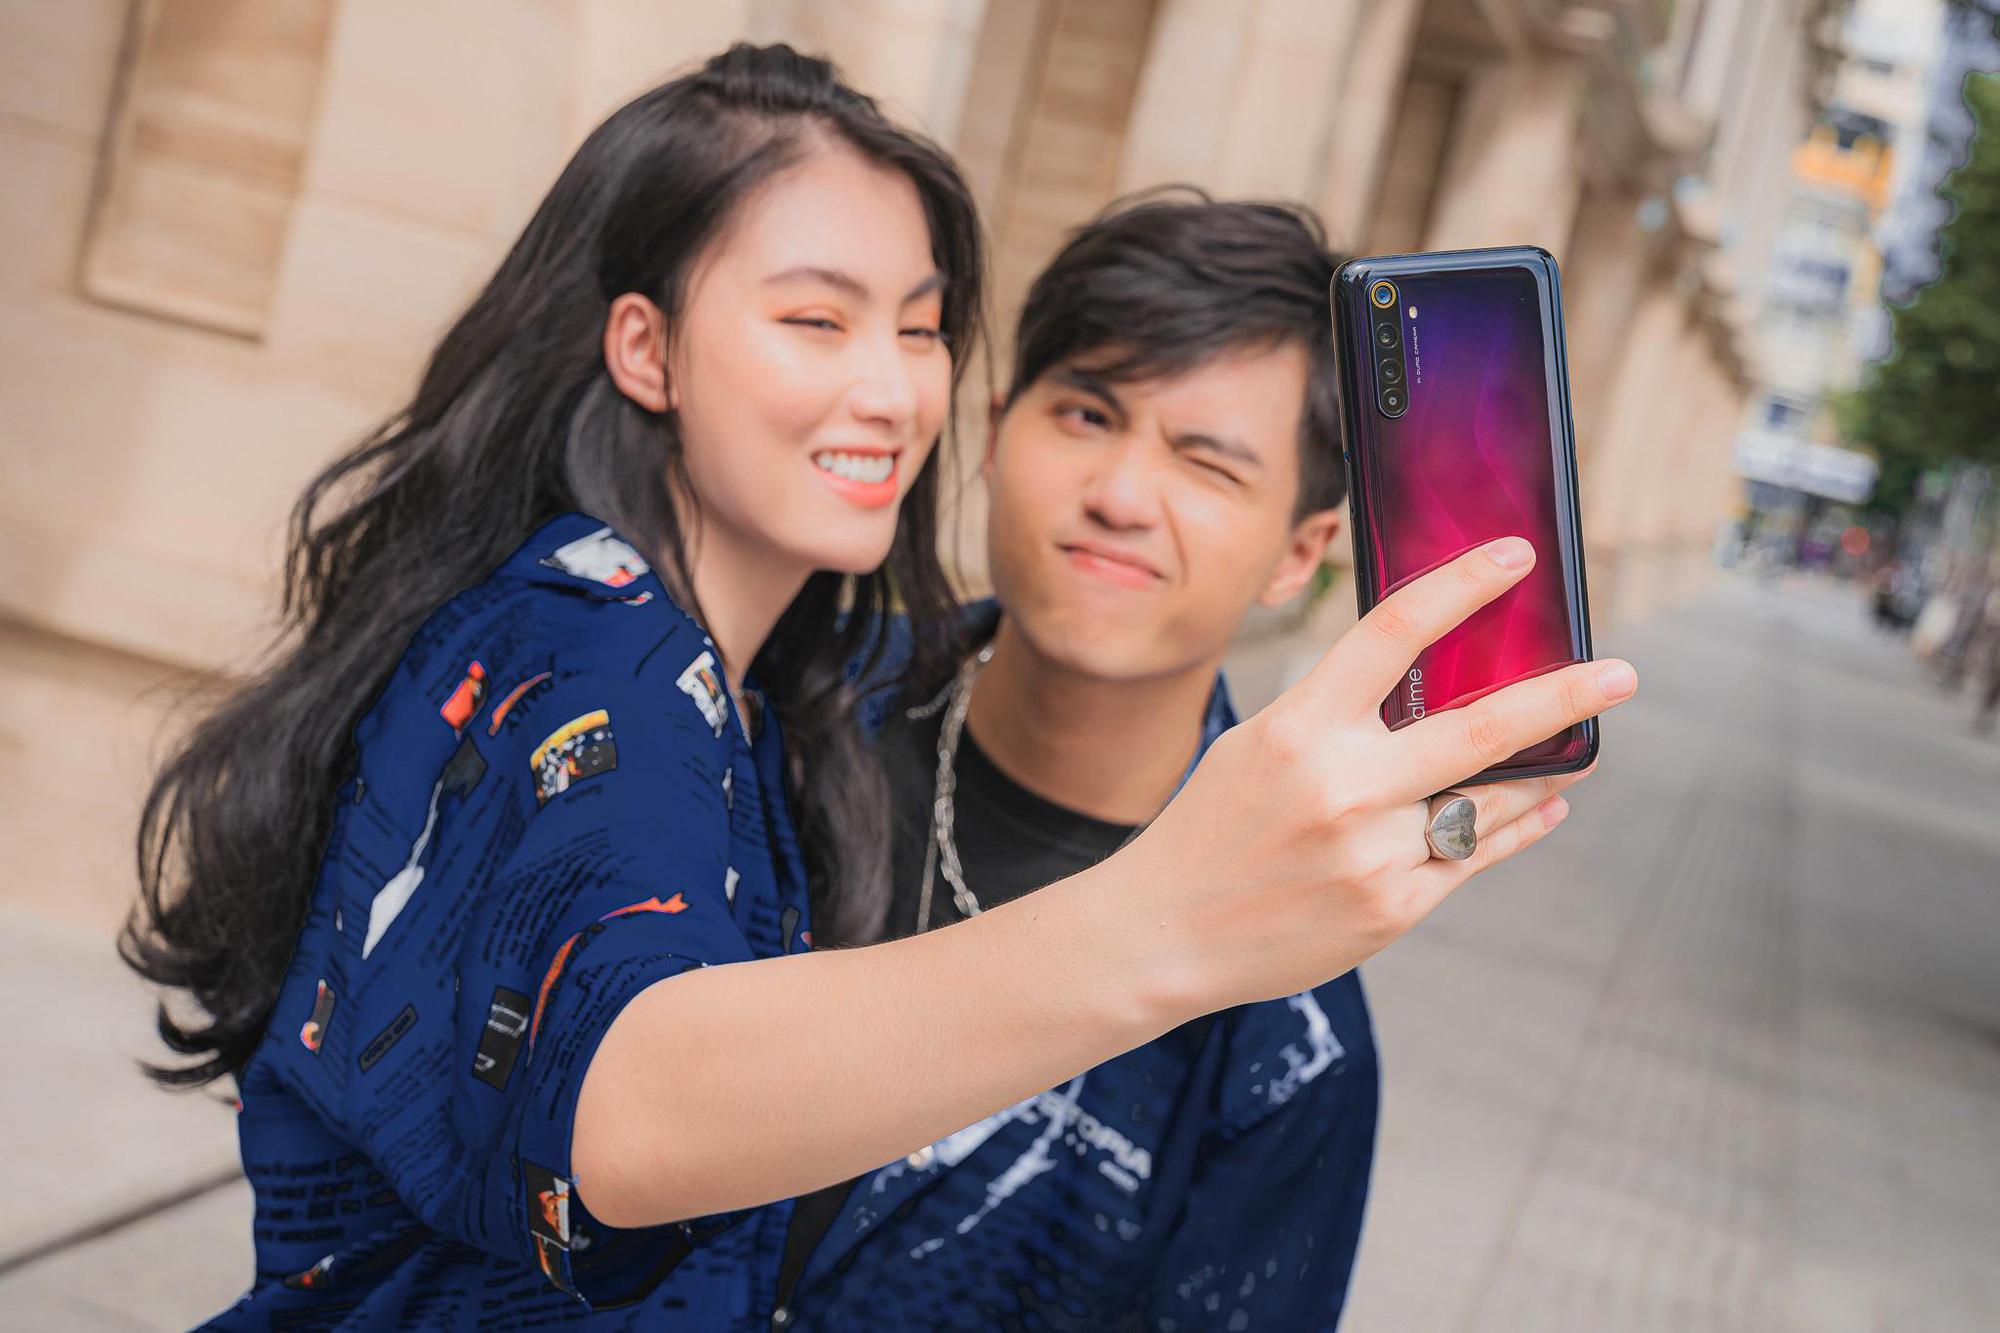 Thế hệ Gen Z: Khẳng định tuyên ngôn phong cách qua smartphone - Ảnh 6.